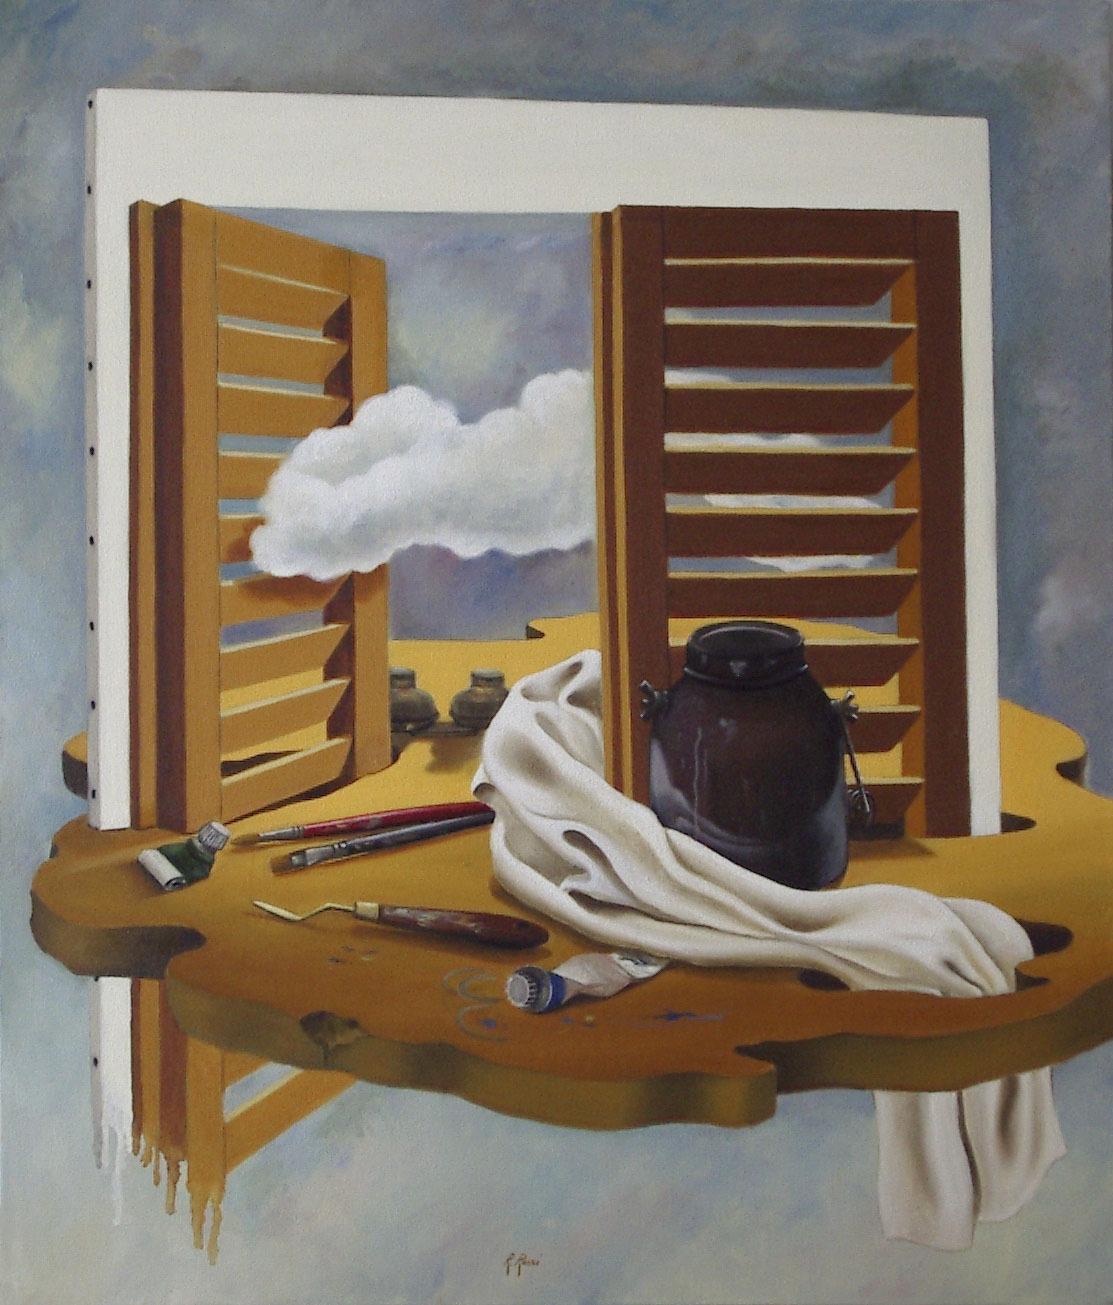 2005 roberta rossi - La mia avventura nell arte - olio su tela - 70 x 60